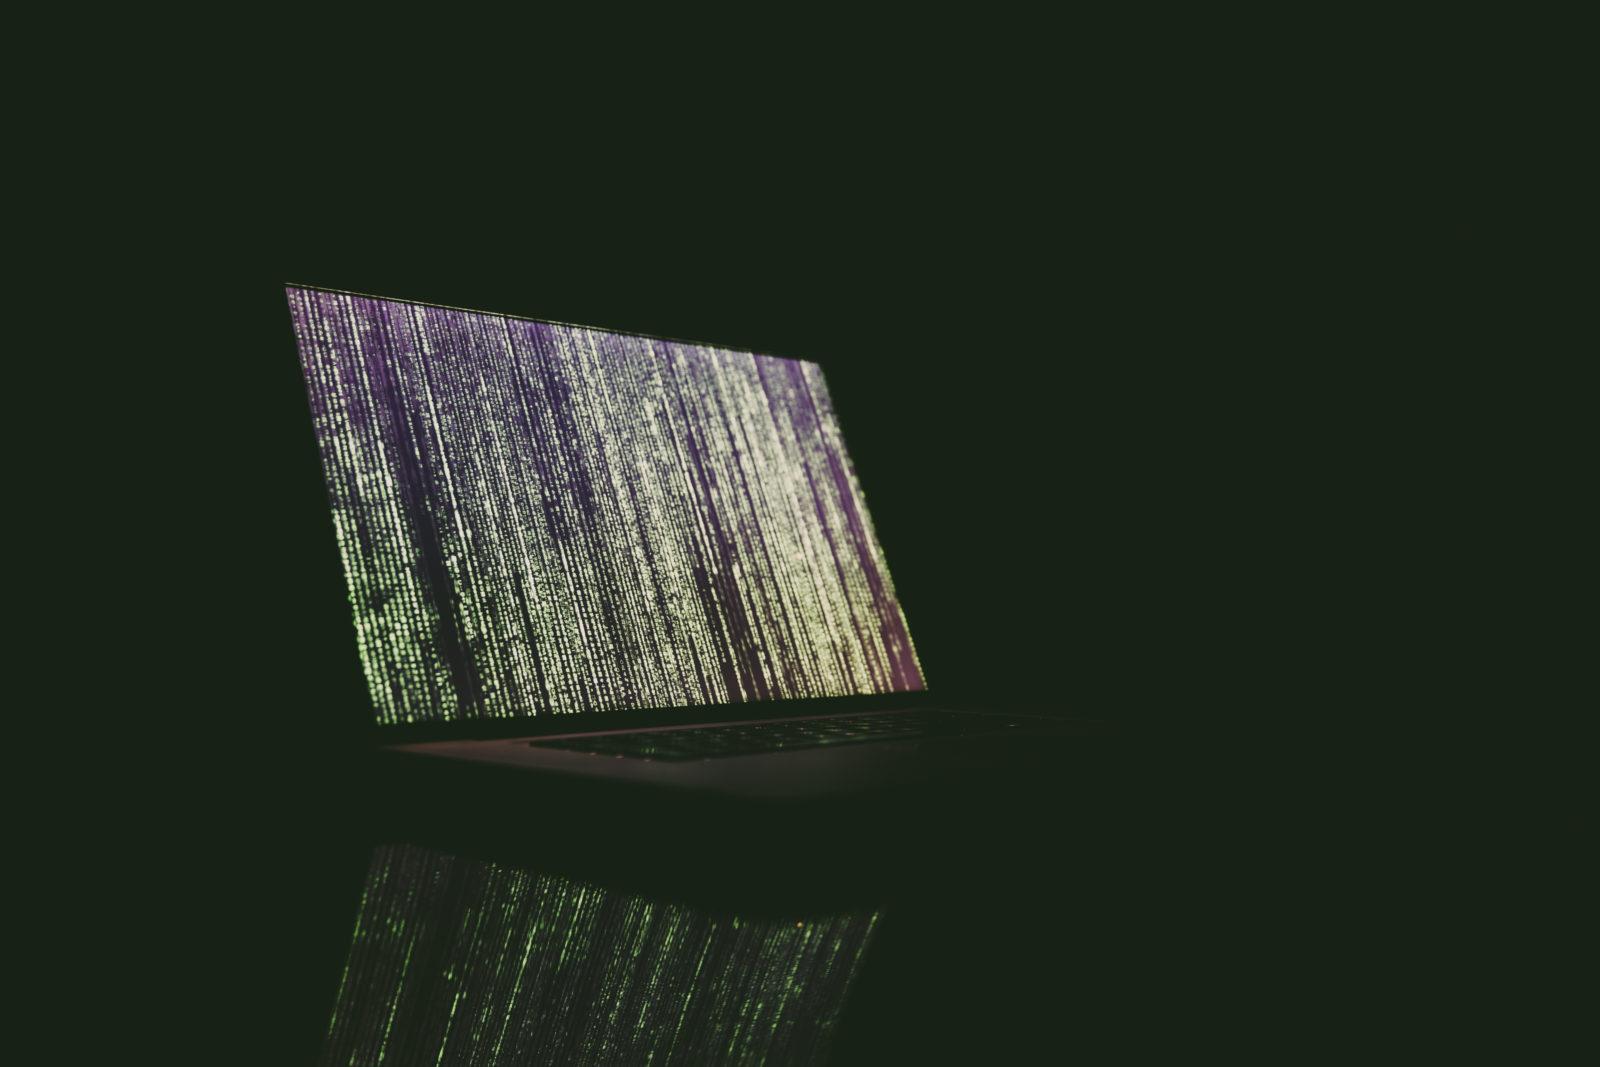 Sécurité digitale